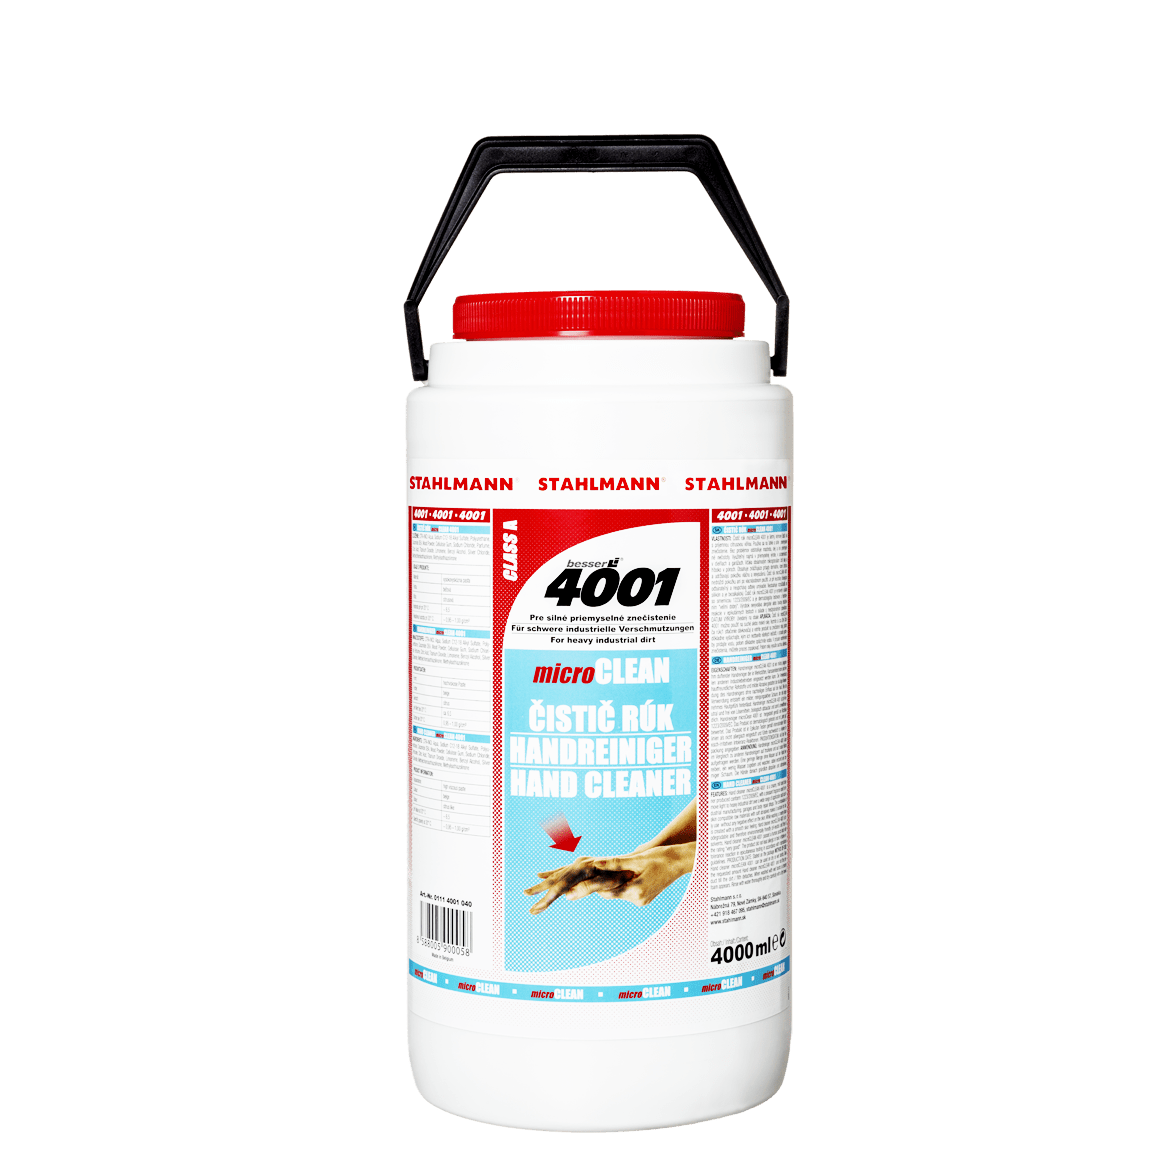 ČISTIČ RUKOU micro CLEAN 4001